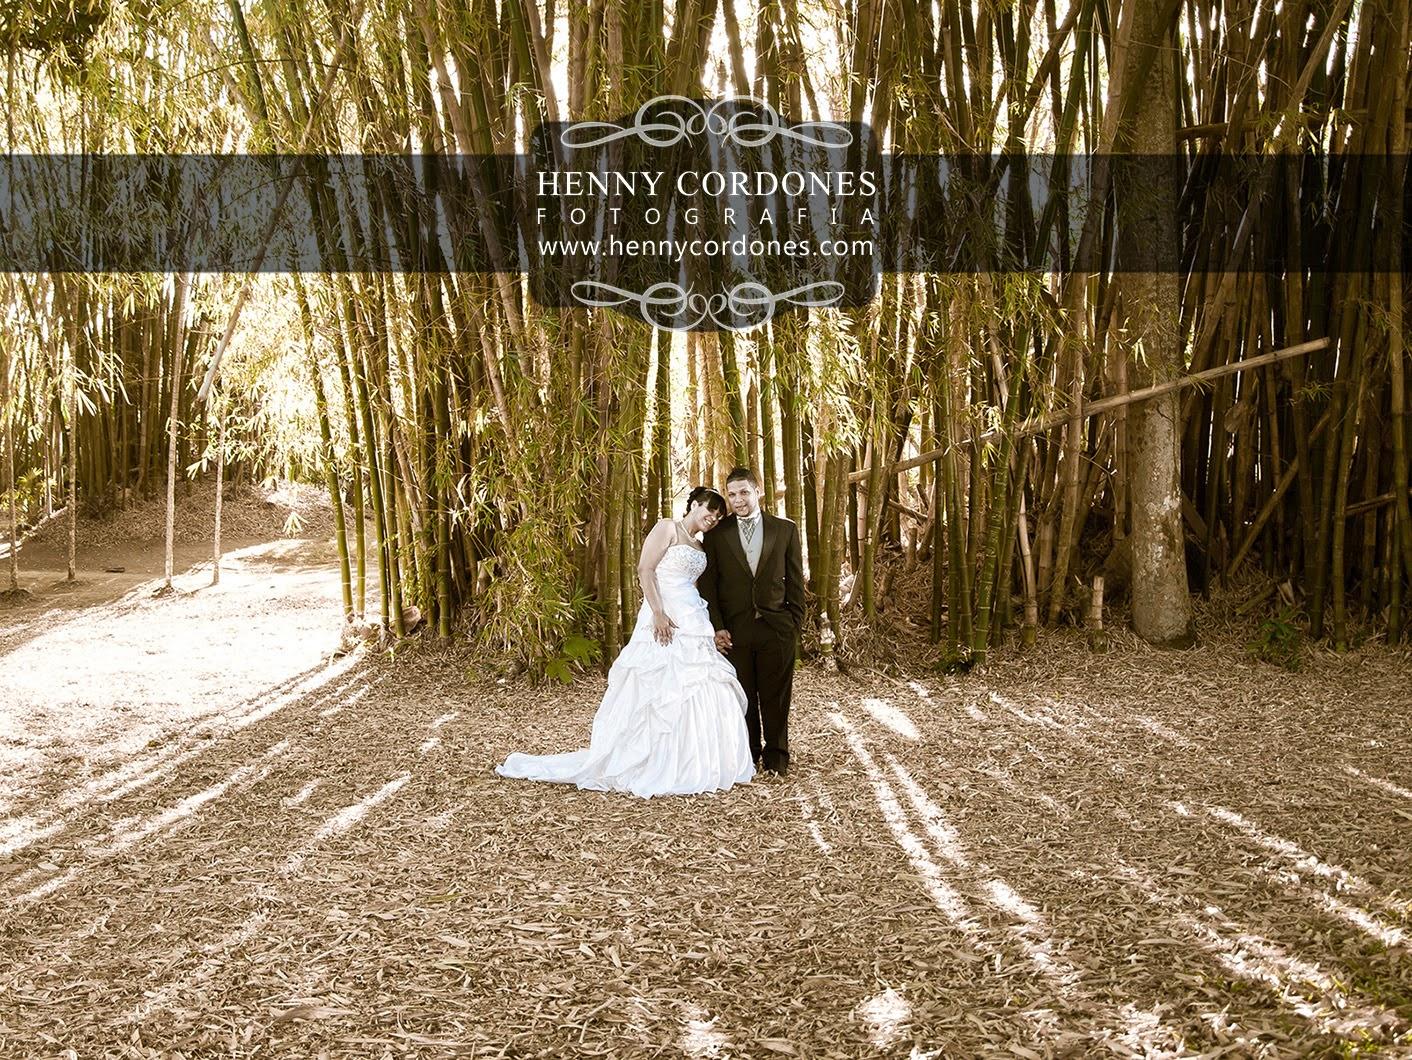 Henny cordones fotograf a sesion fotografica de boda for Bodas jardin botanico